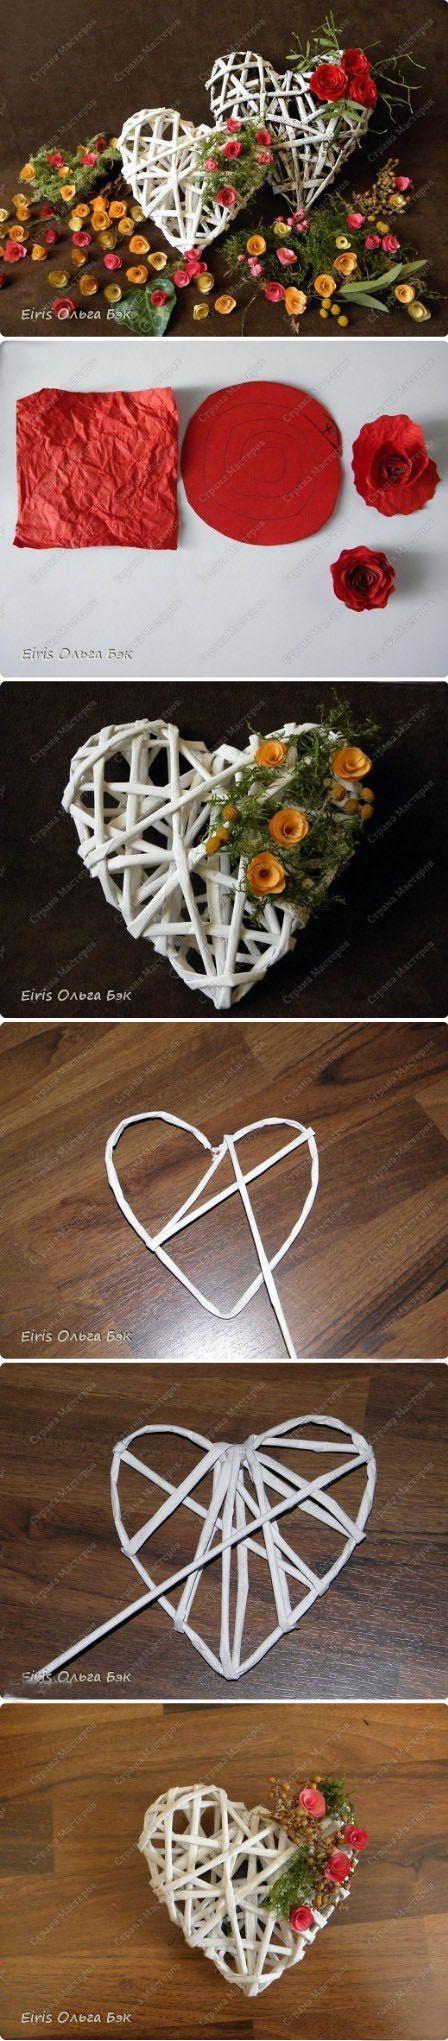 立體心摺紙編織花朵擺件手工DIY教程手工製作教程手工DIY製作創意製作 創意生活 巧樂多